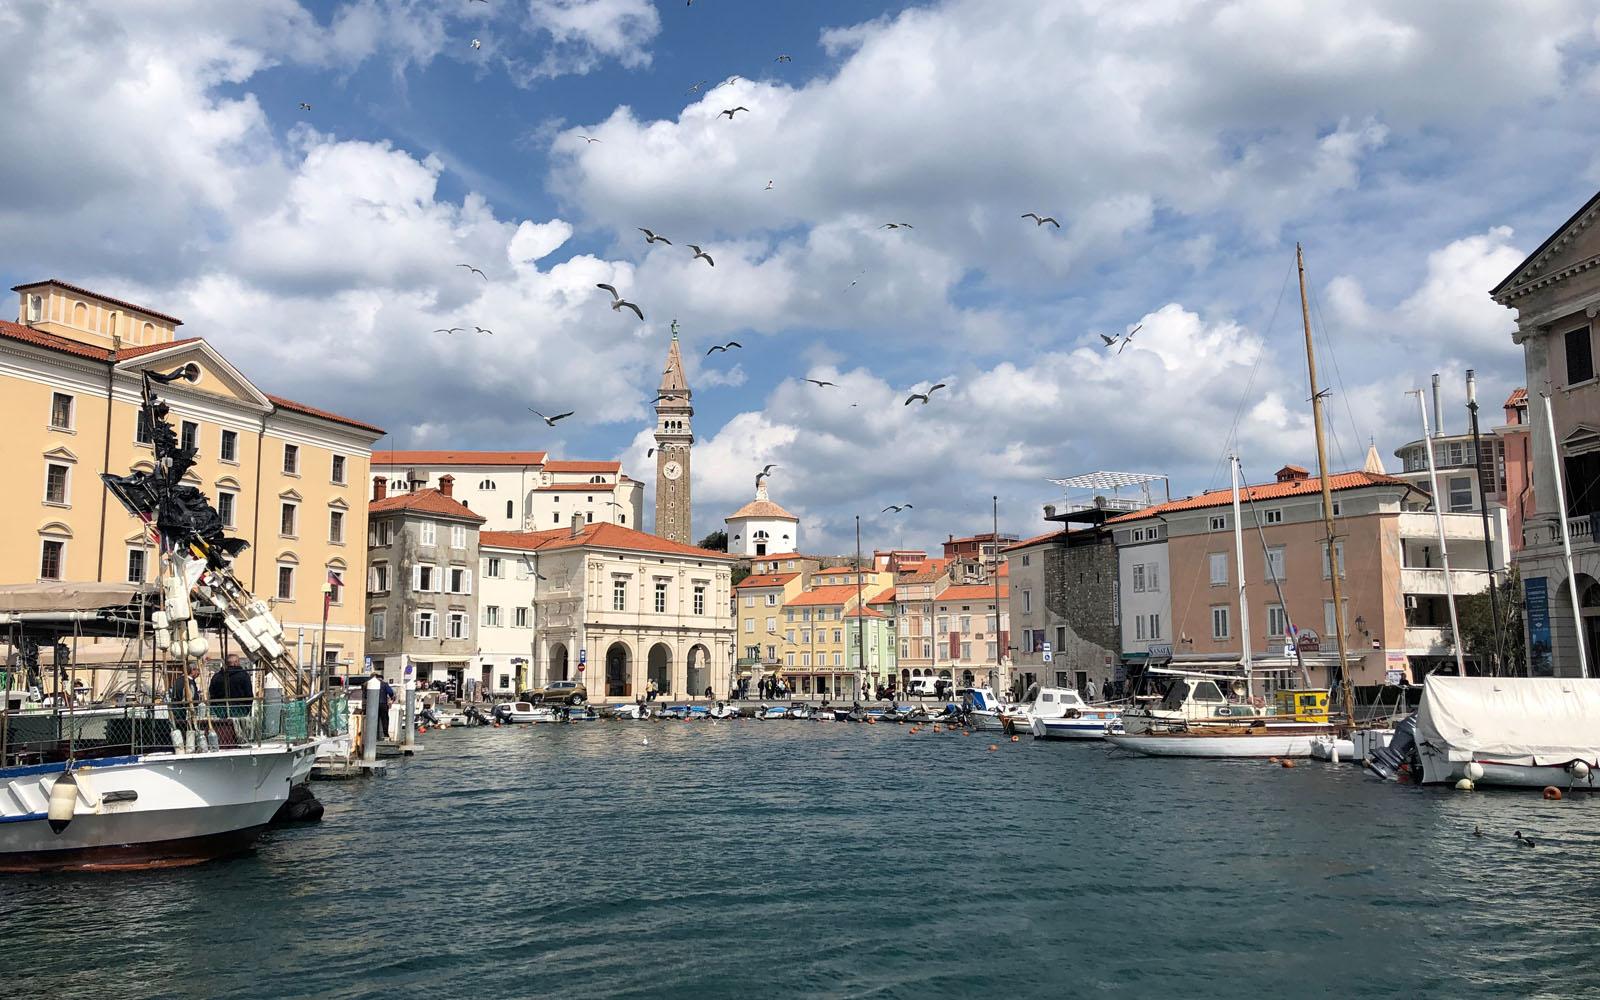 Scorcio di Pirano, nell'Istria slovena.